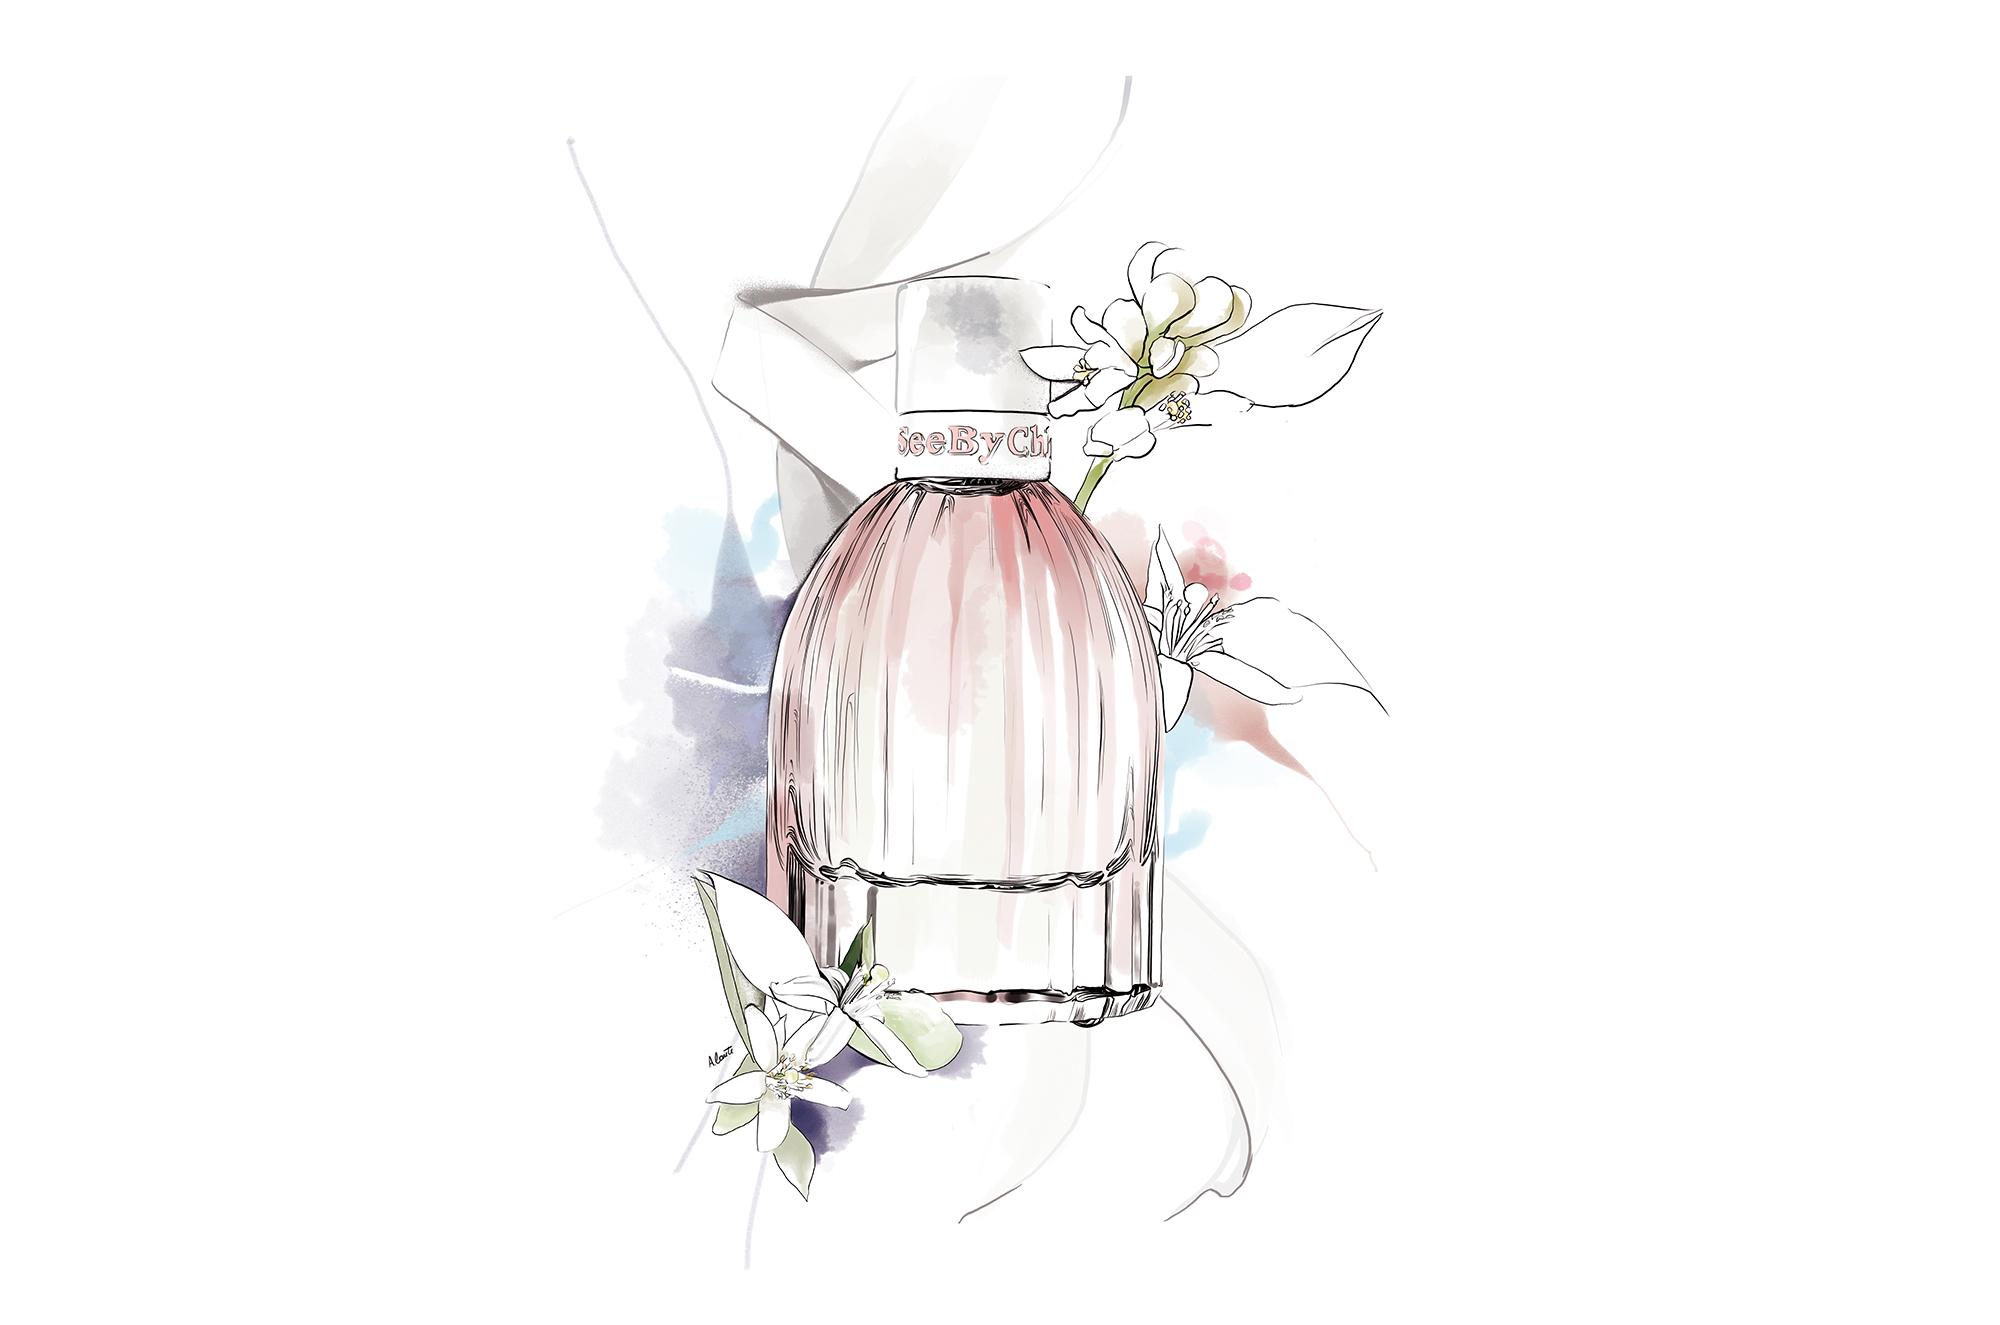 dessin_parfum_see_by_chloe